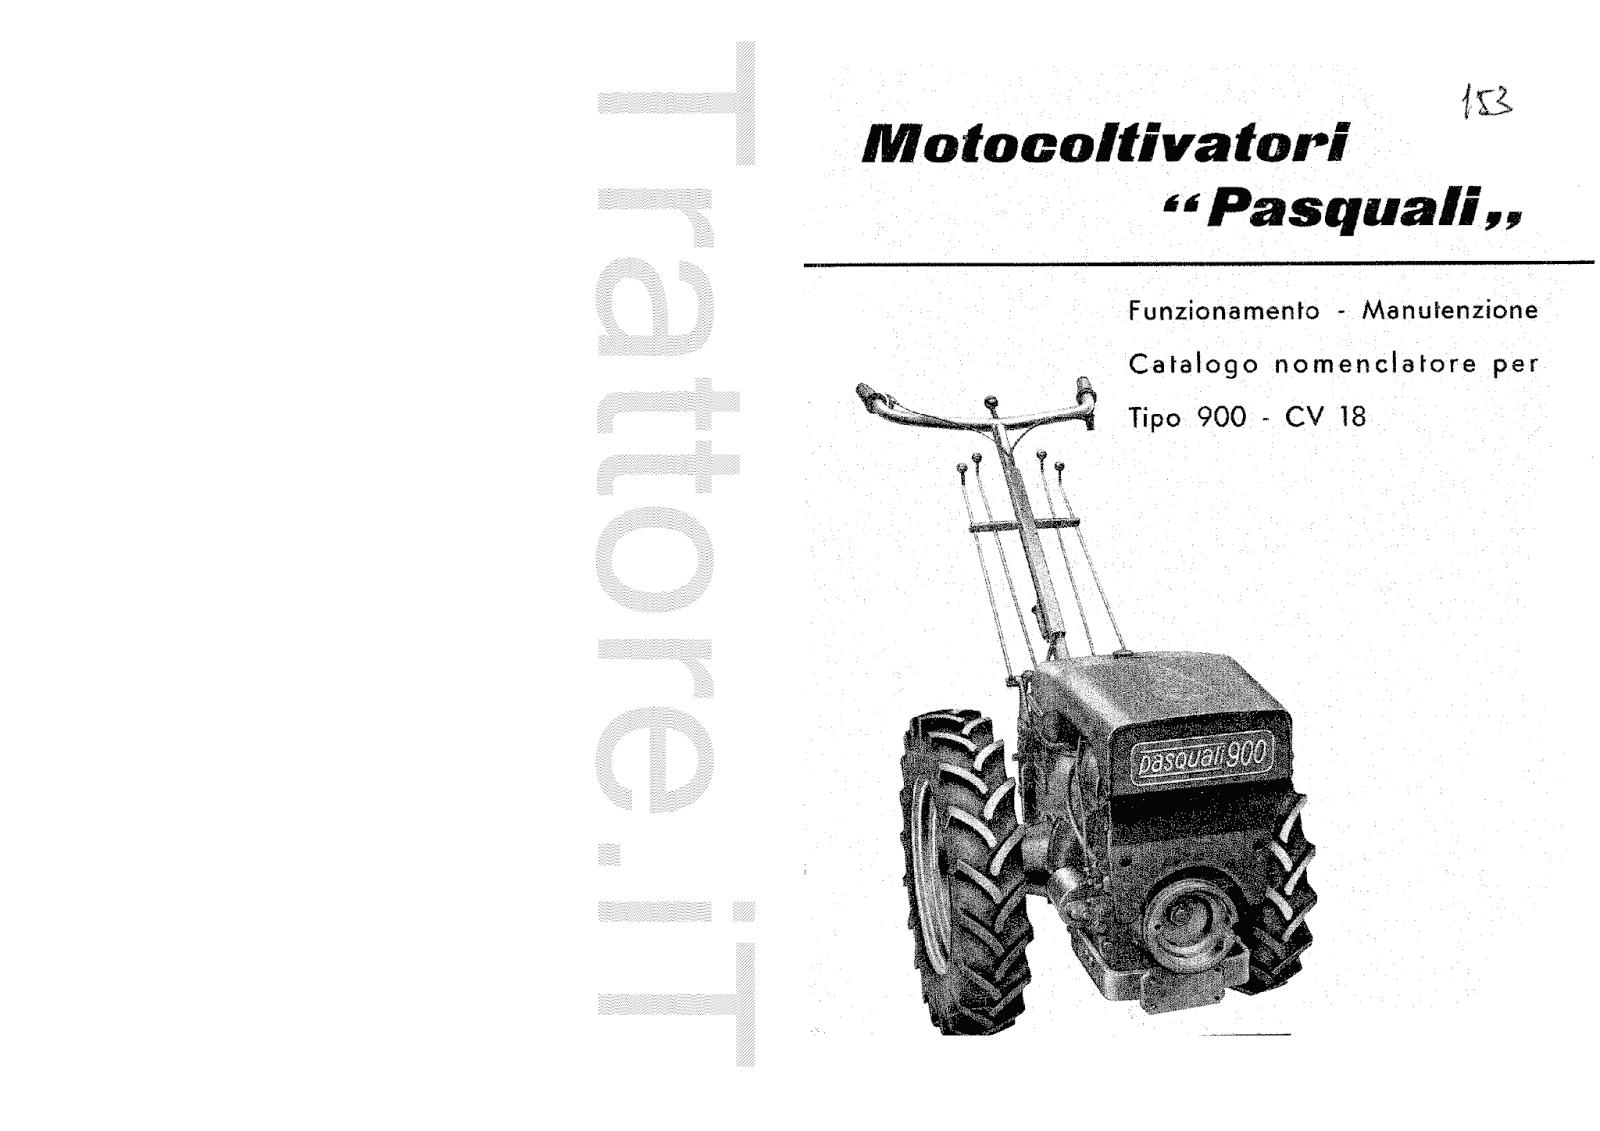 InfoTrattore.it: Motocoltivatore Pasquali 900 CV 18